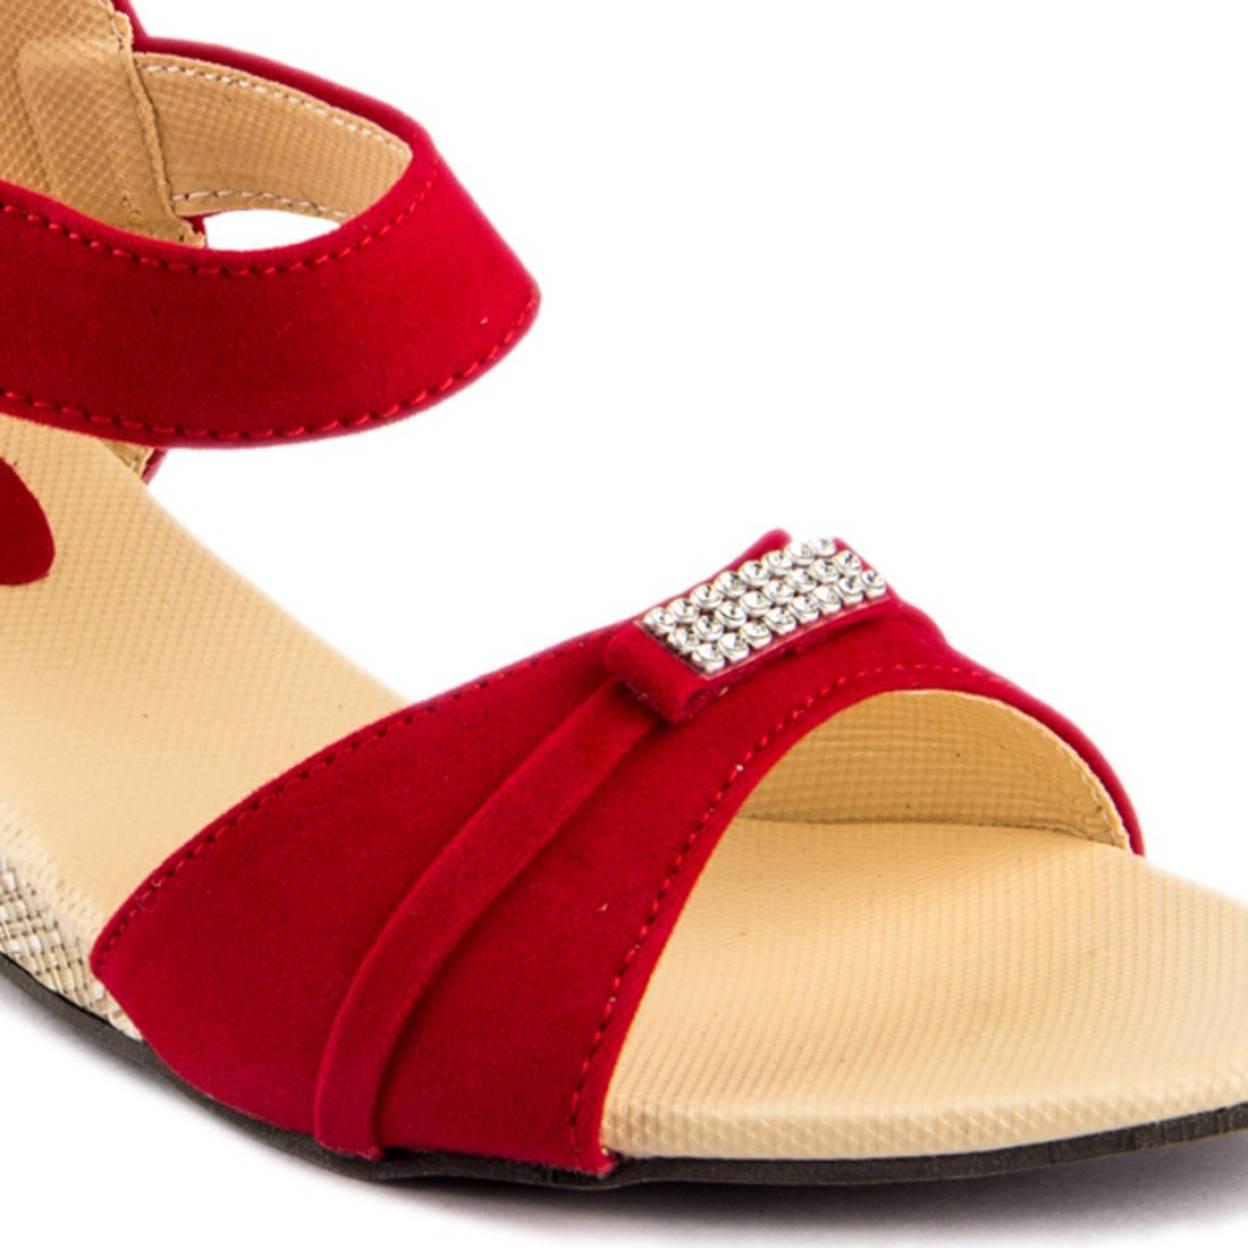 Womens sandals flipkart - Womens Club Girls Sports Sandals Flipkart